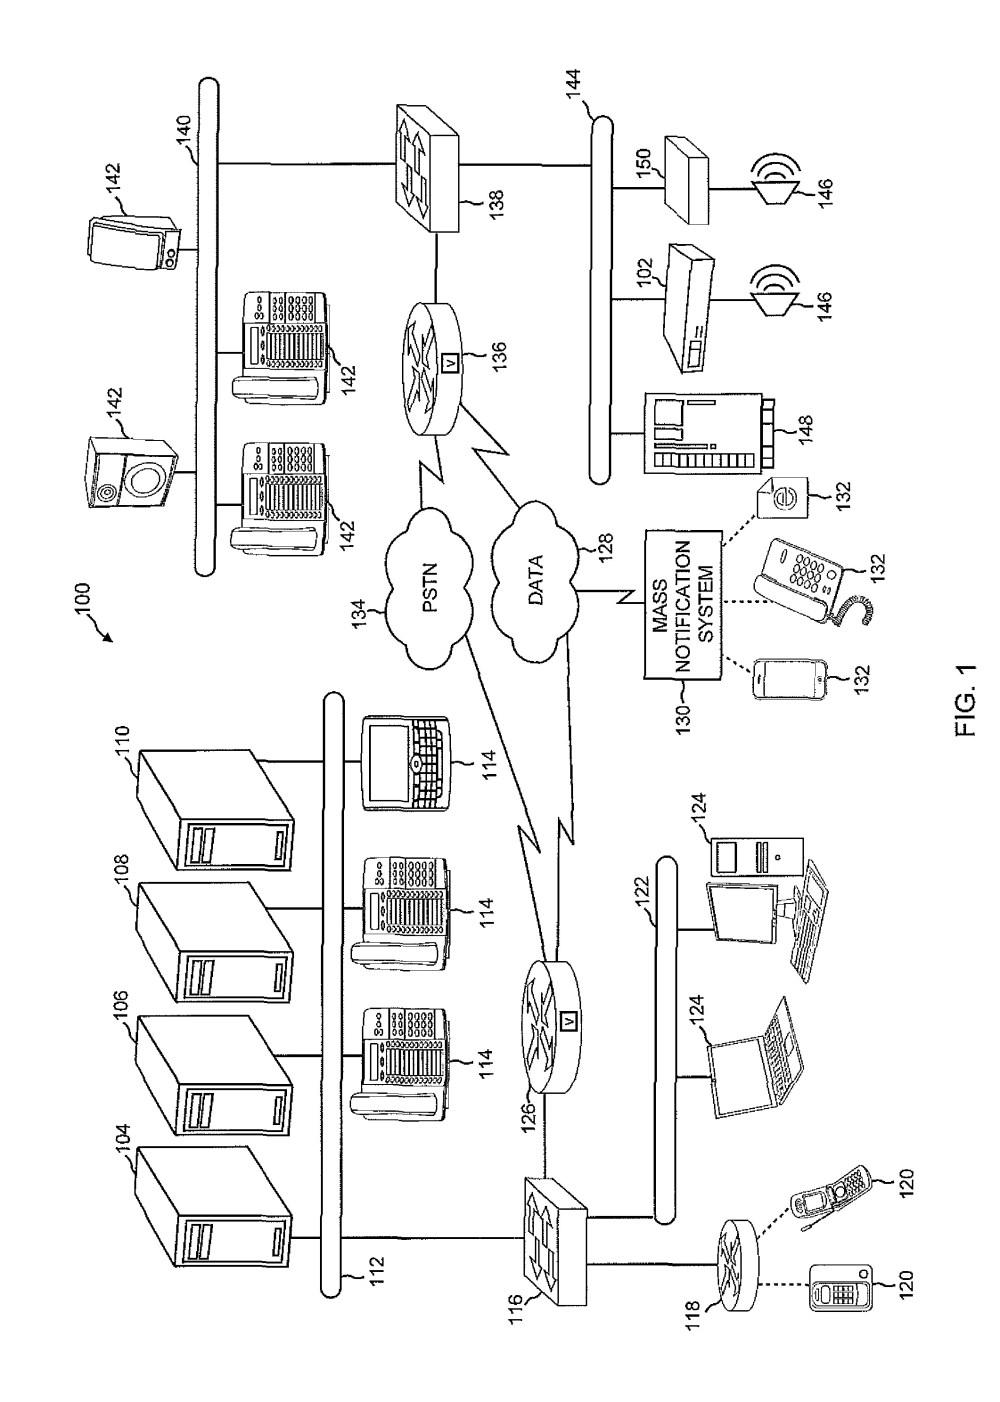 medium resolution of paging horn wiring diagram wiring diagrams scematic kleinn air horn wiring diagram paging horn wiring diagram